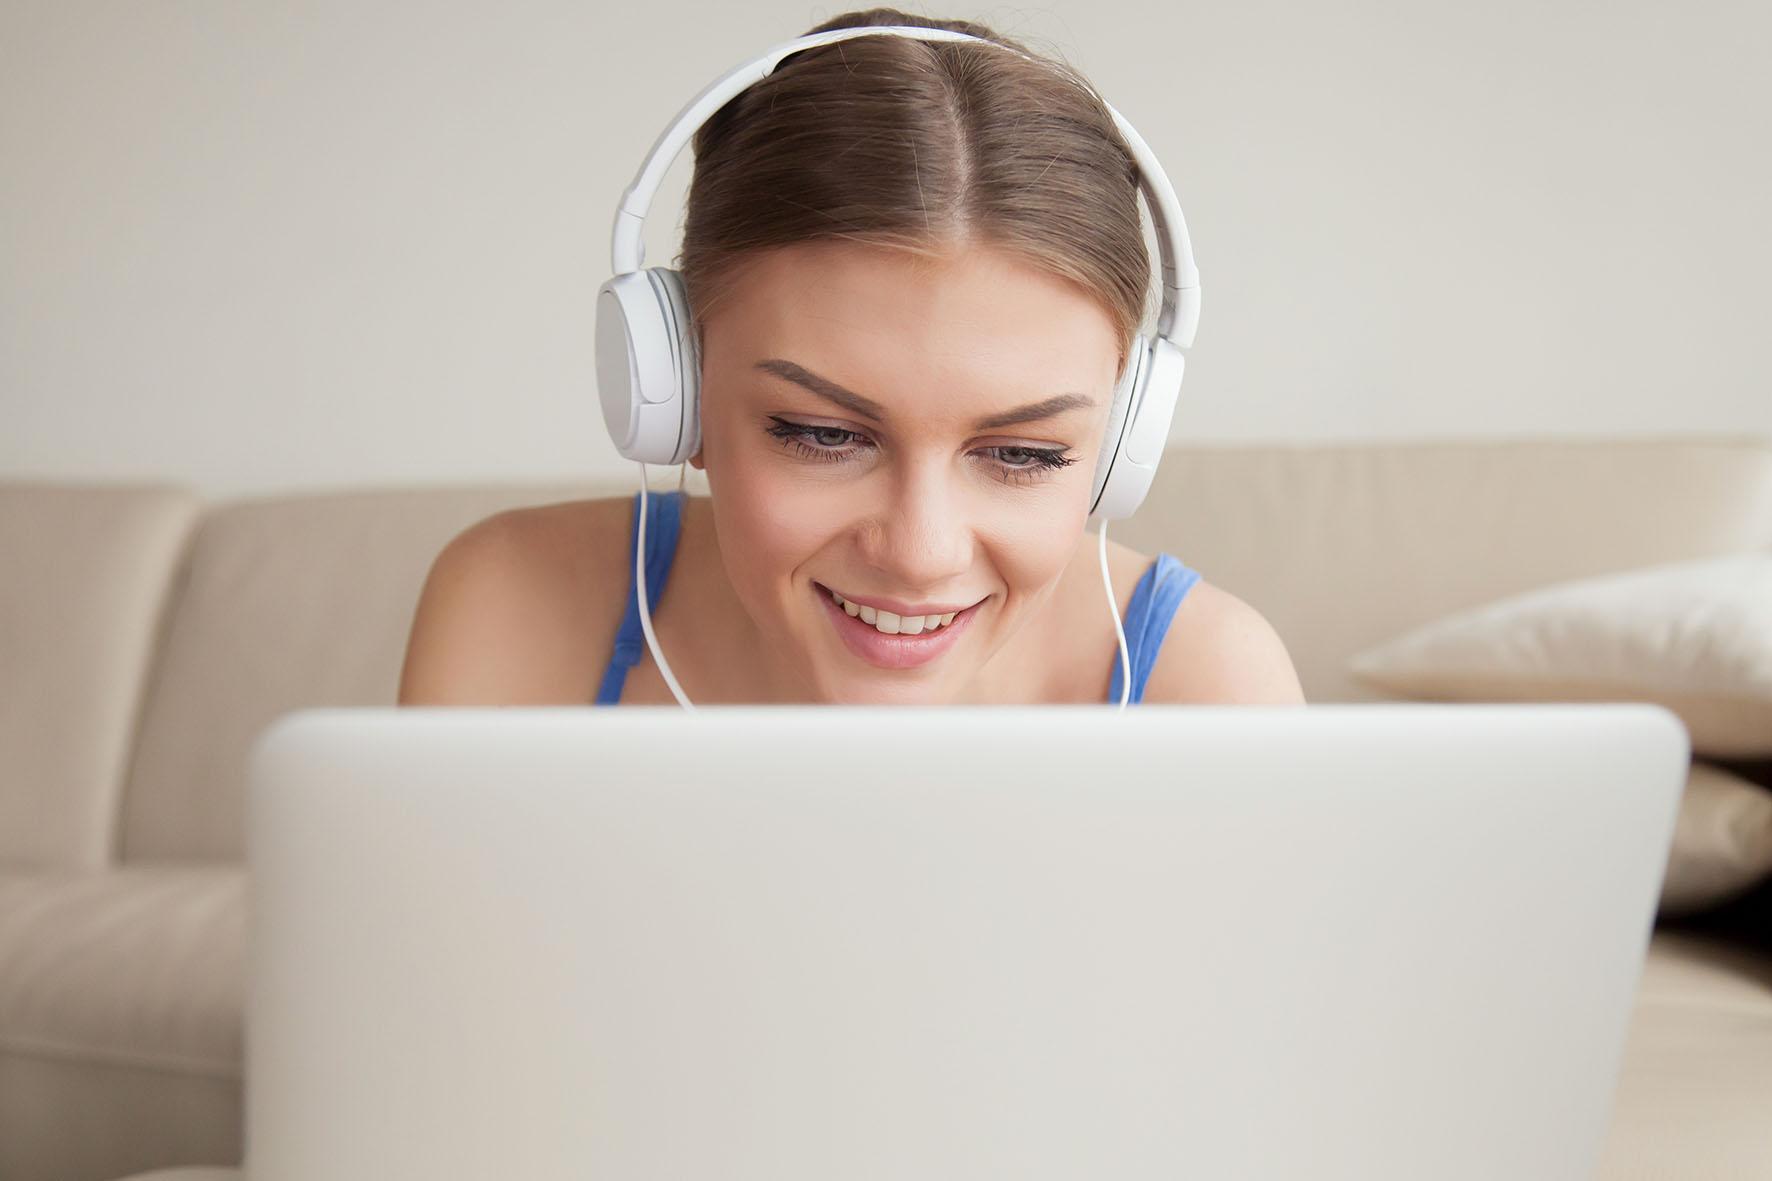 UMA formación, tu plataforma educativa online - Cursos y talleres gratis - Turismo, marketing y patrimonio cultural